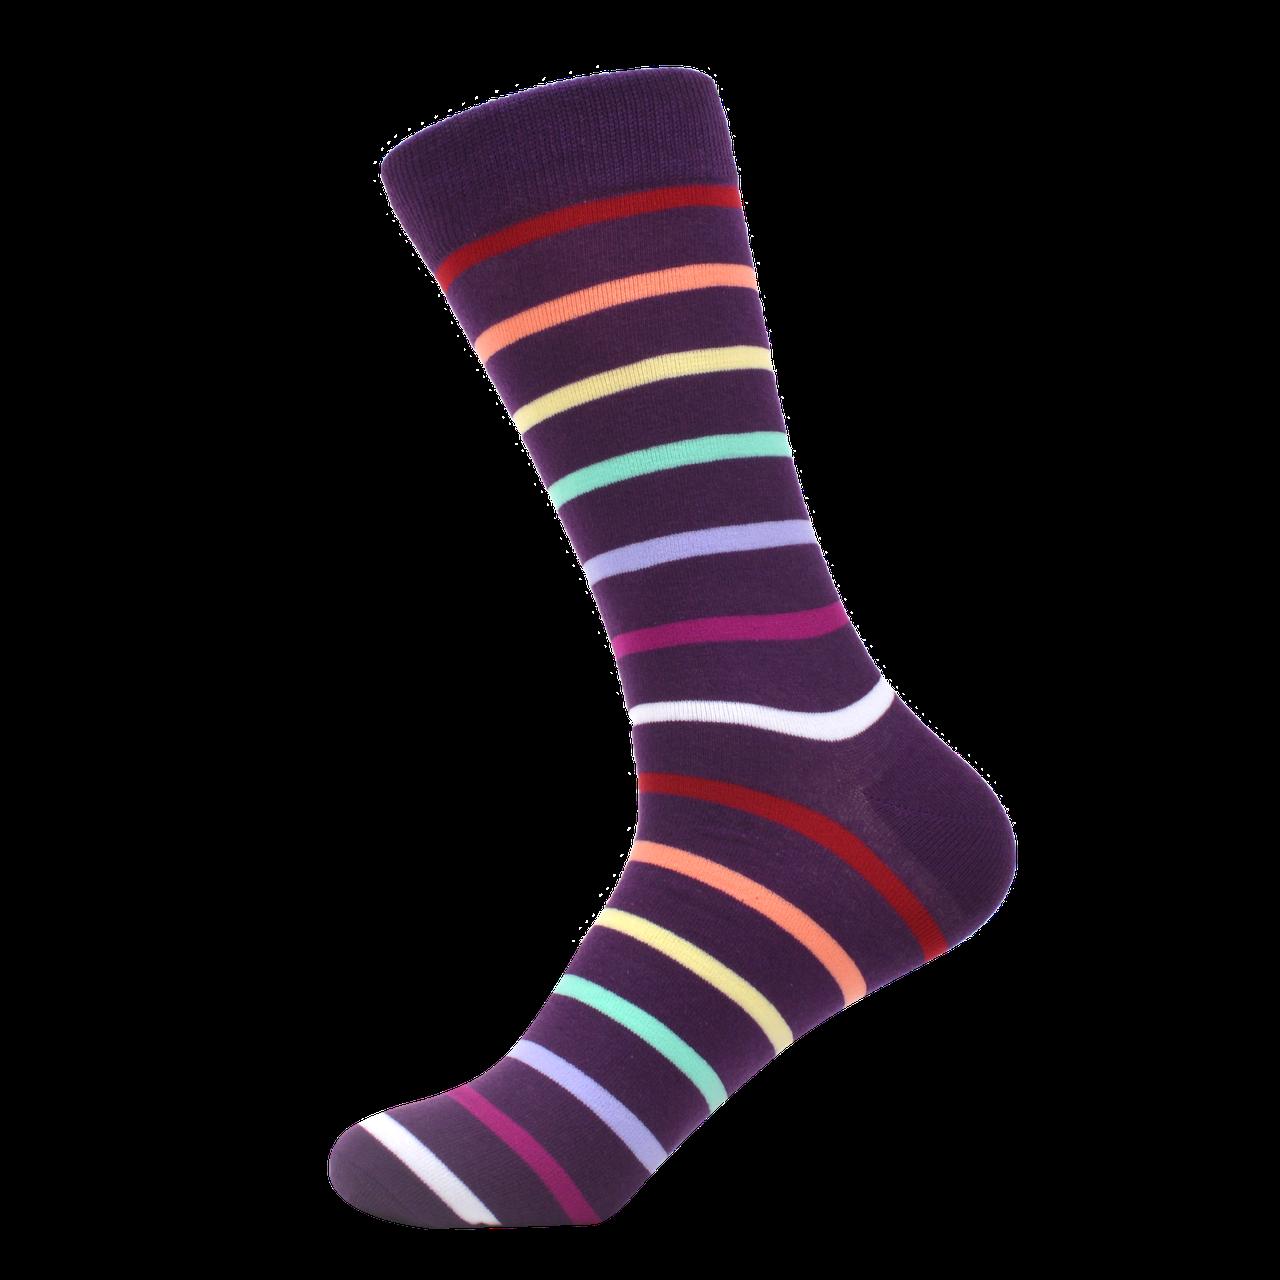 Высокие мужские цветные носки с принтом Sanzetti серии Narrow Stripes р. 40-45 HS-0029